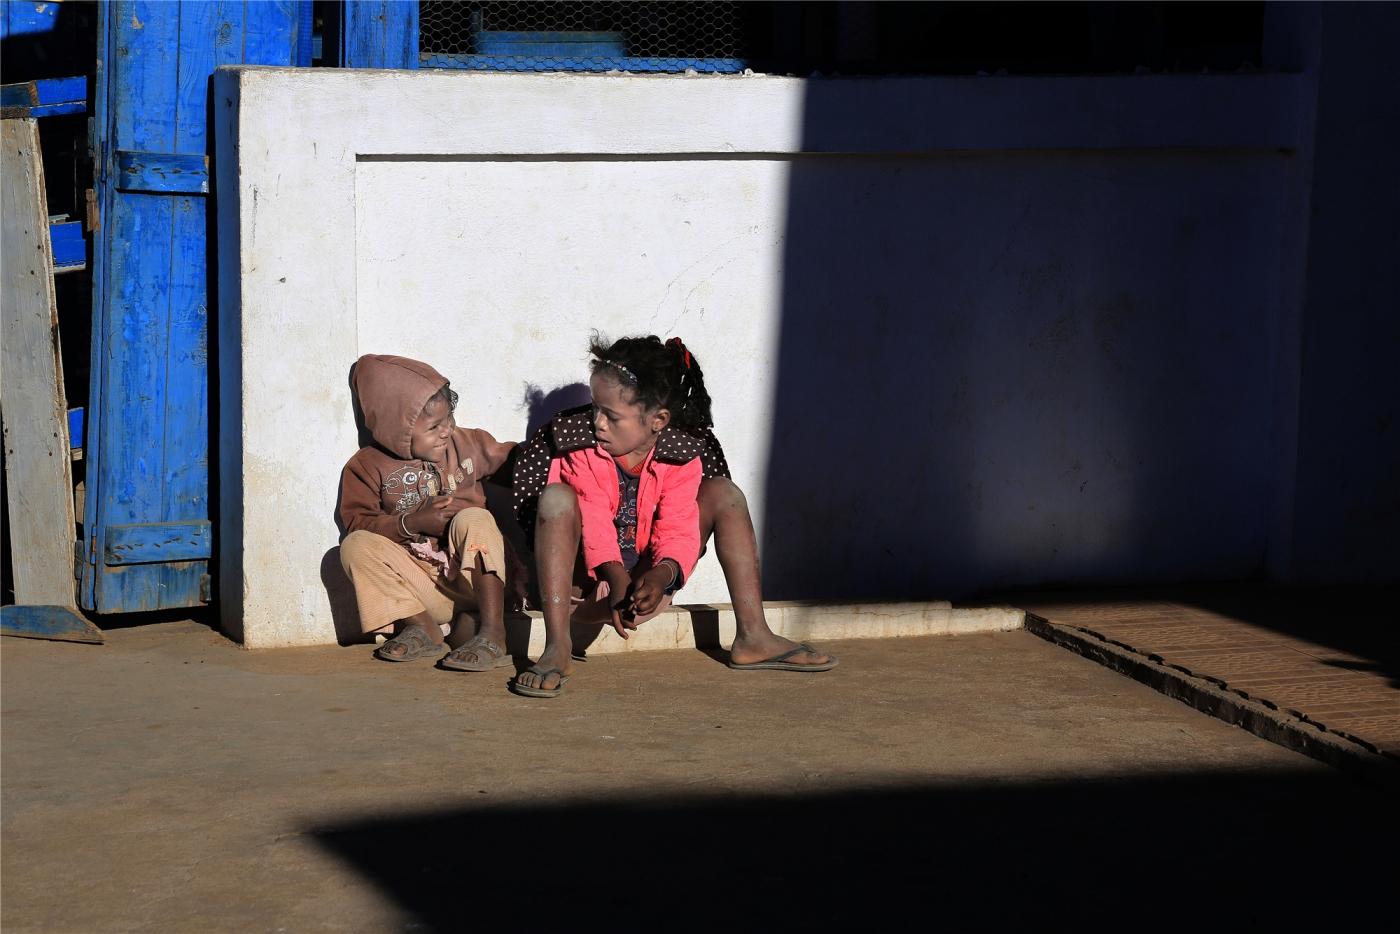 【原创实拍】黑色脸谱  ——行摄南部非洲(人像篇)_图1-24